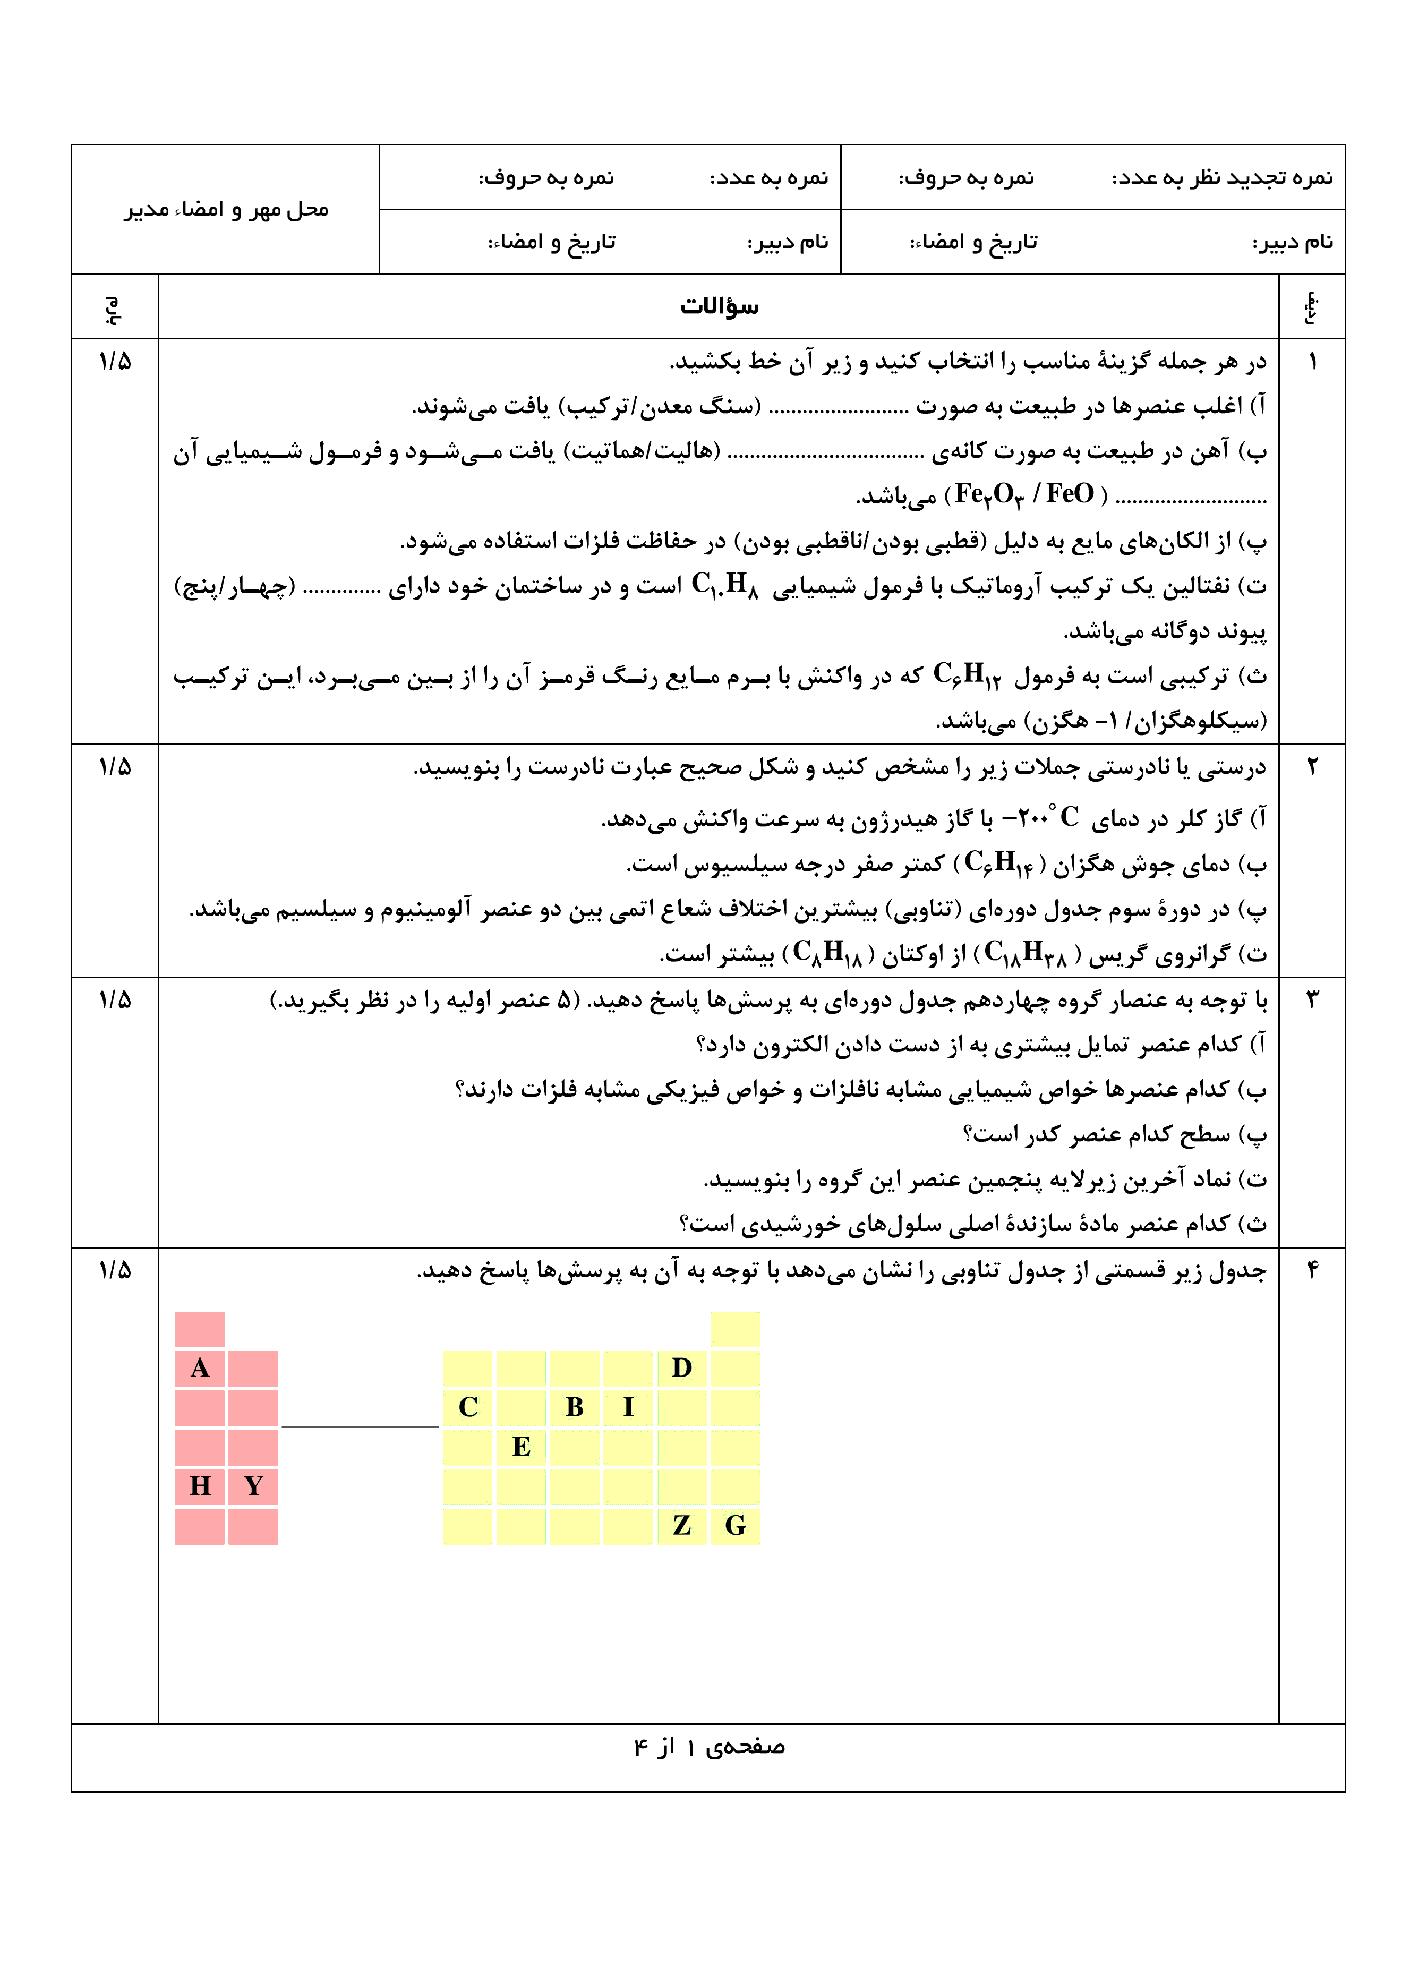 آزمون نوبت اول شیمی (2) یازدهم دبیرستان نمونه دولتی جاویدان | دی 98